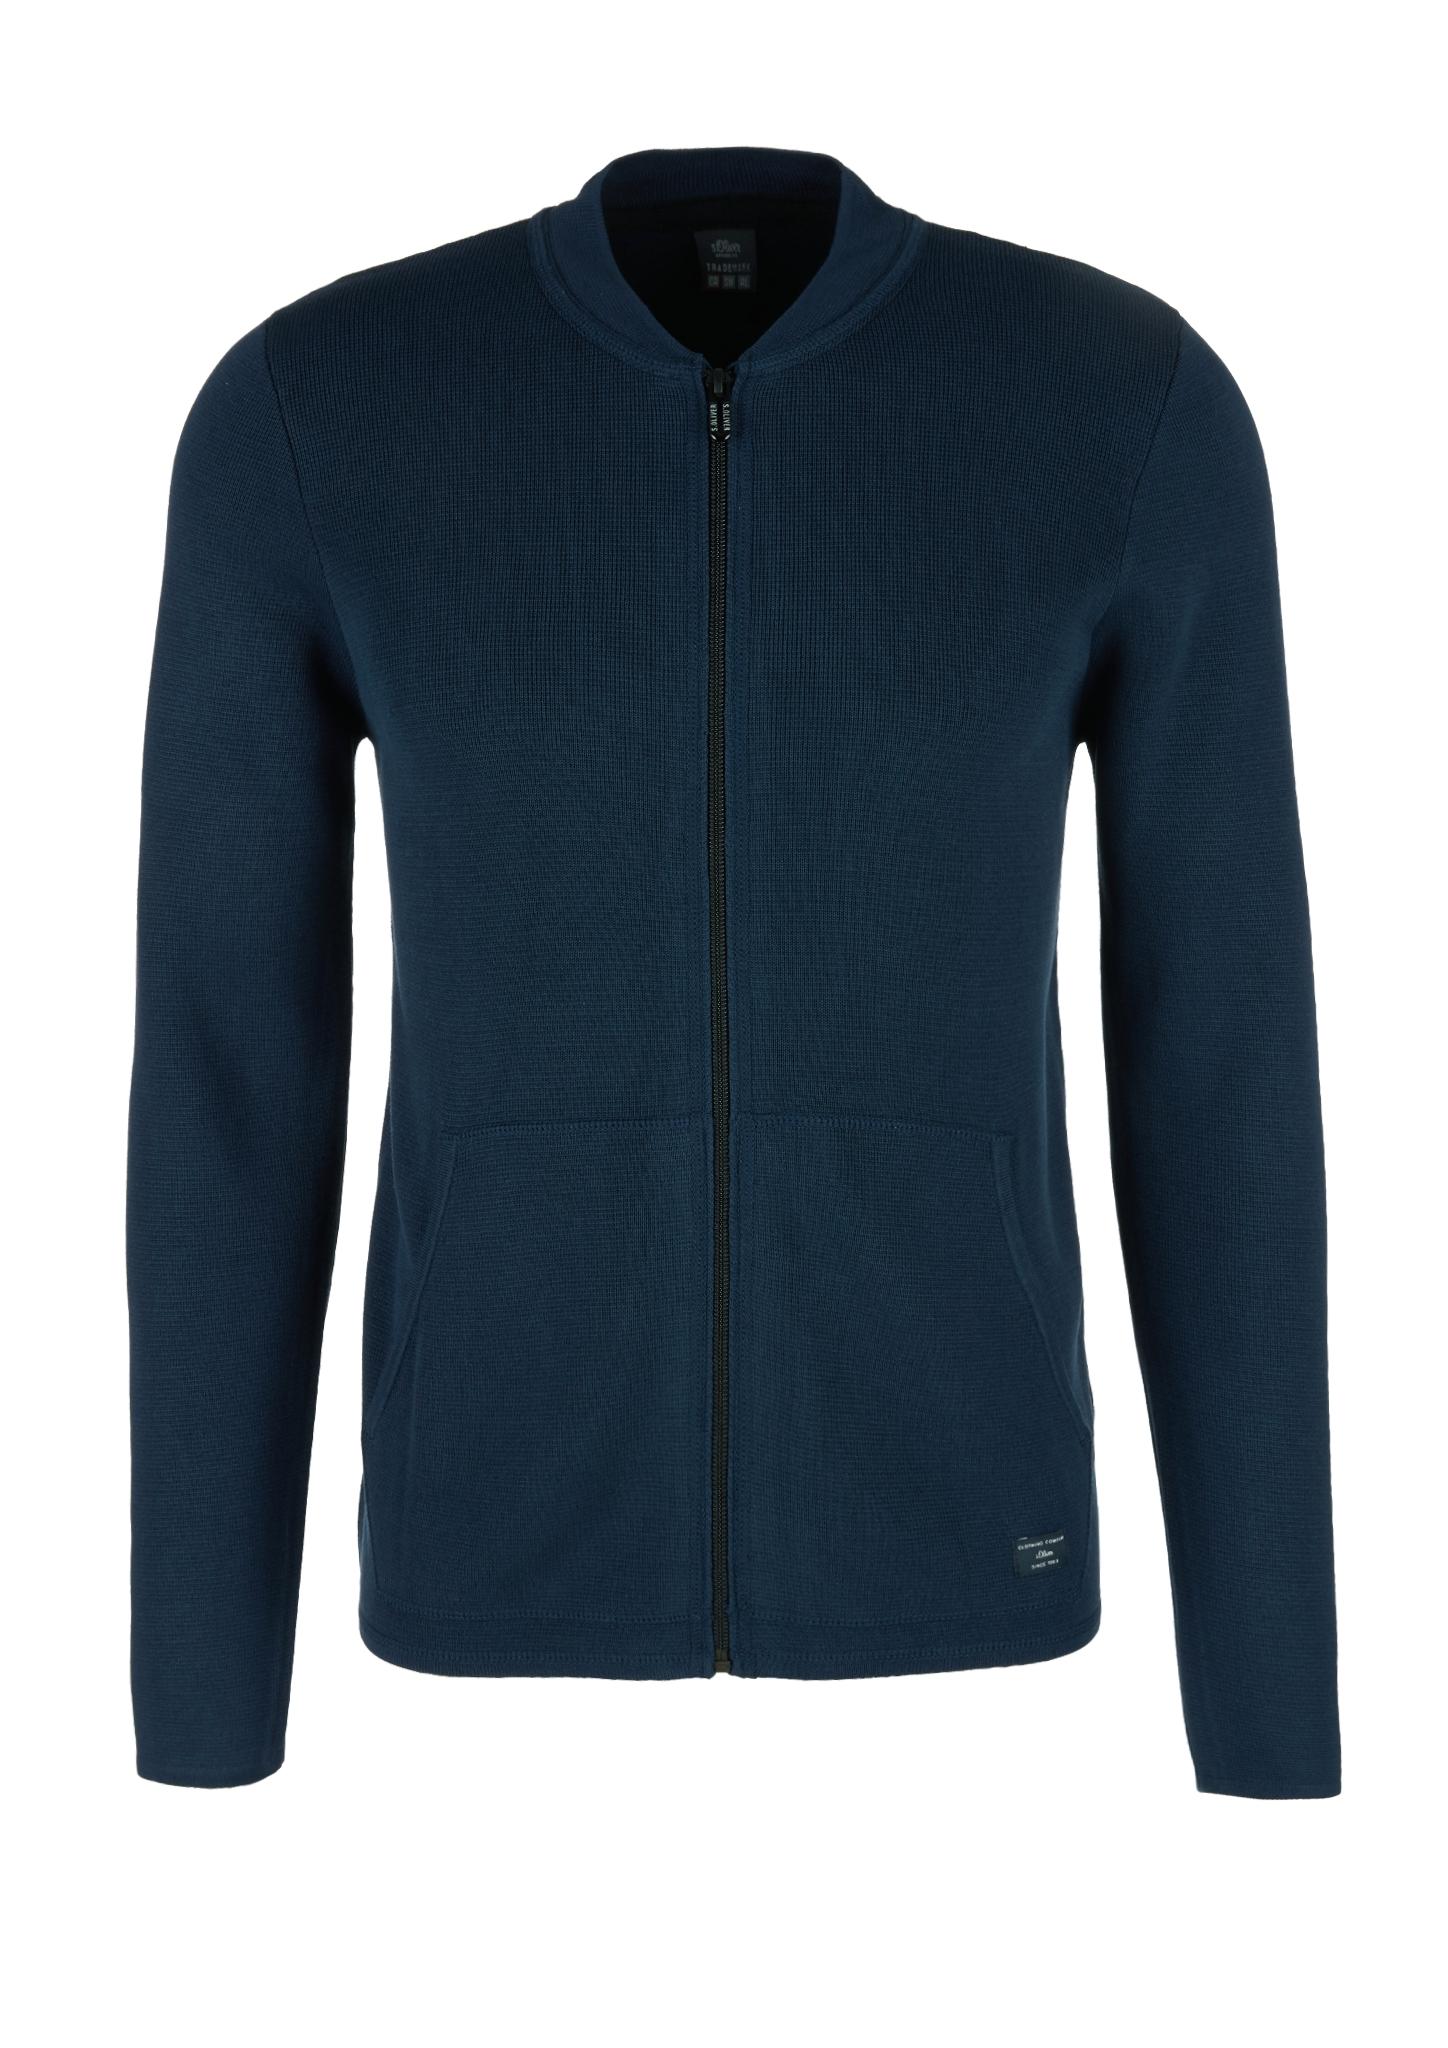 Strickjacke | Bekleidung > Strickjacken & Cardigans | Blau | 65% viskose -  35% bambus | s.Oliver